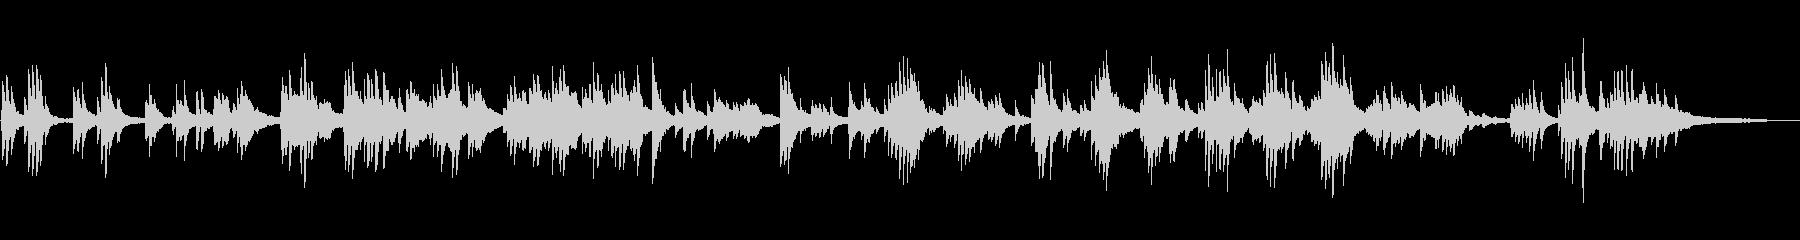 ノスタルジックで切ない ピアノソロの未再生の波形